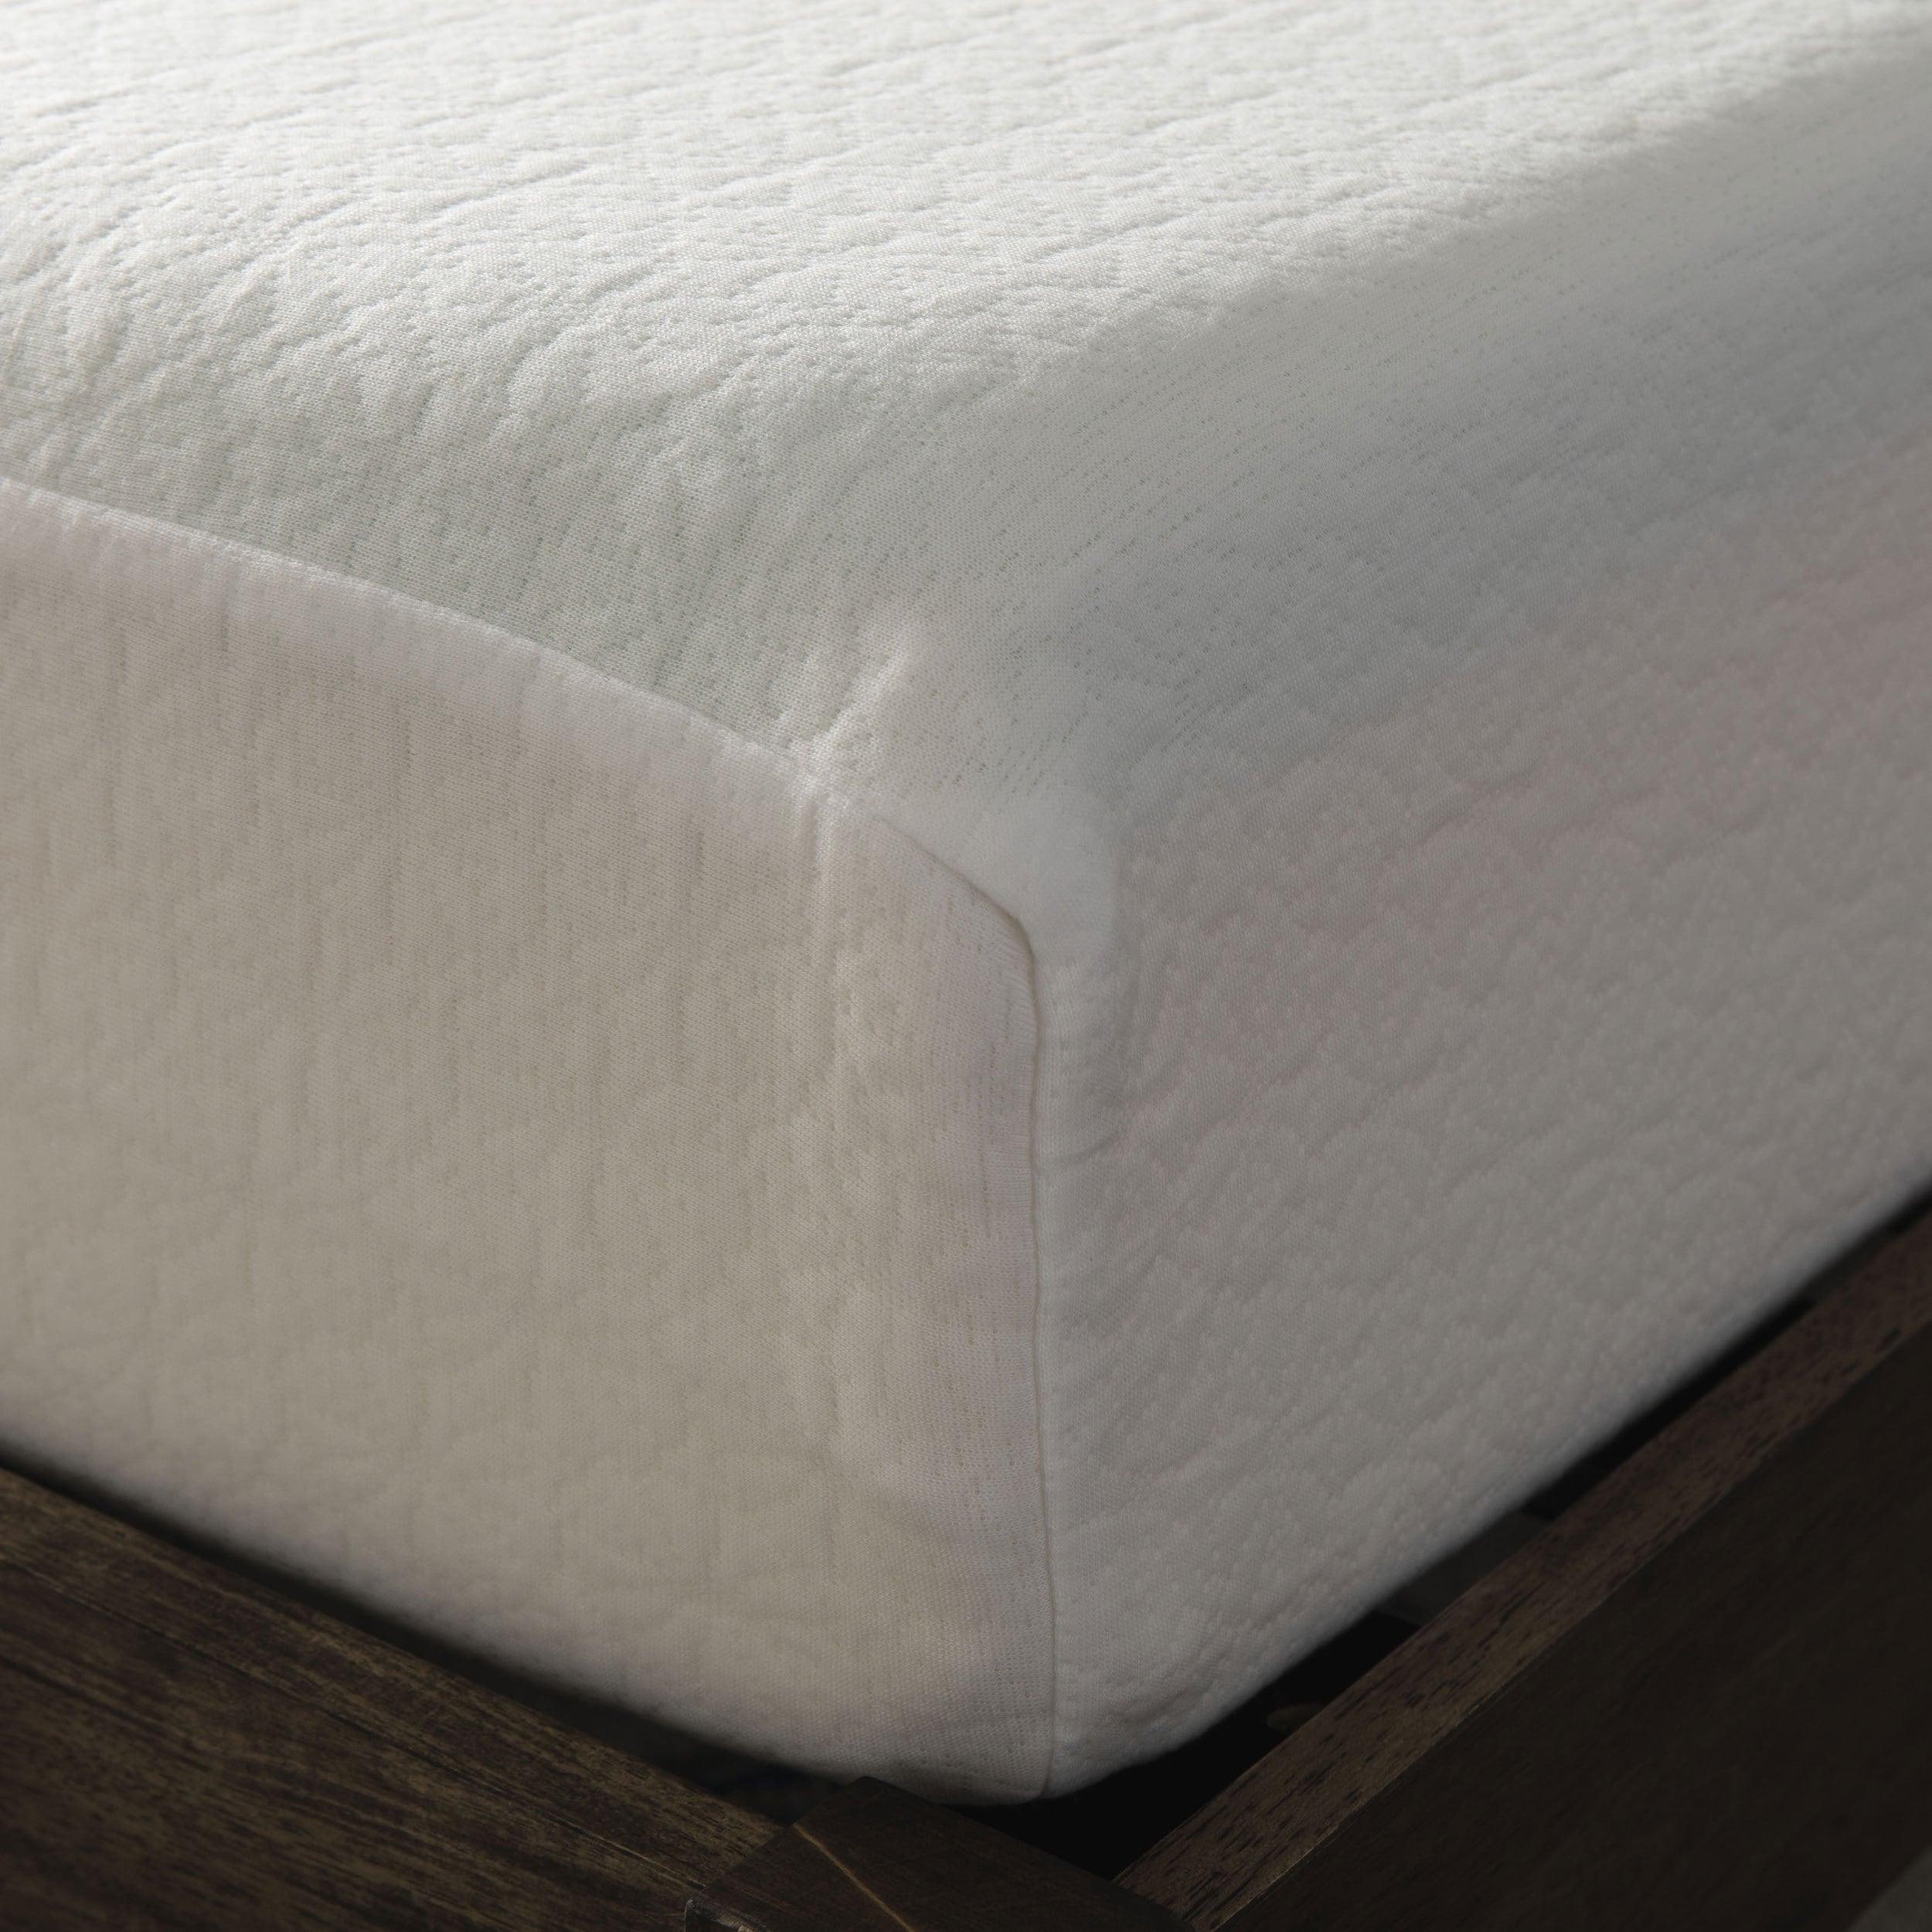 Crown fort 8 inch Twin size Memory Foam Mattress Free